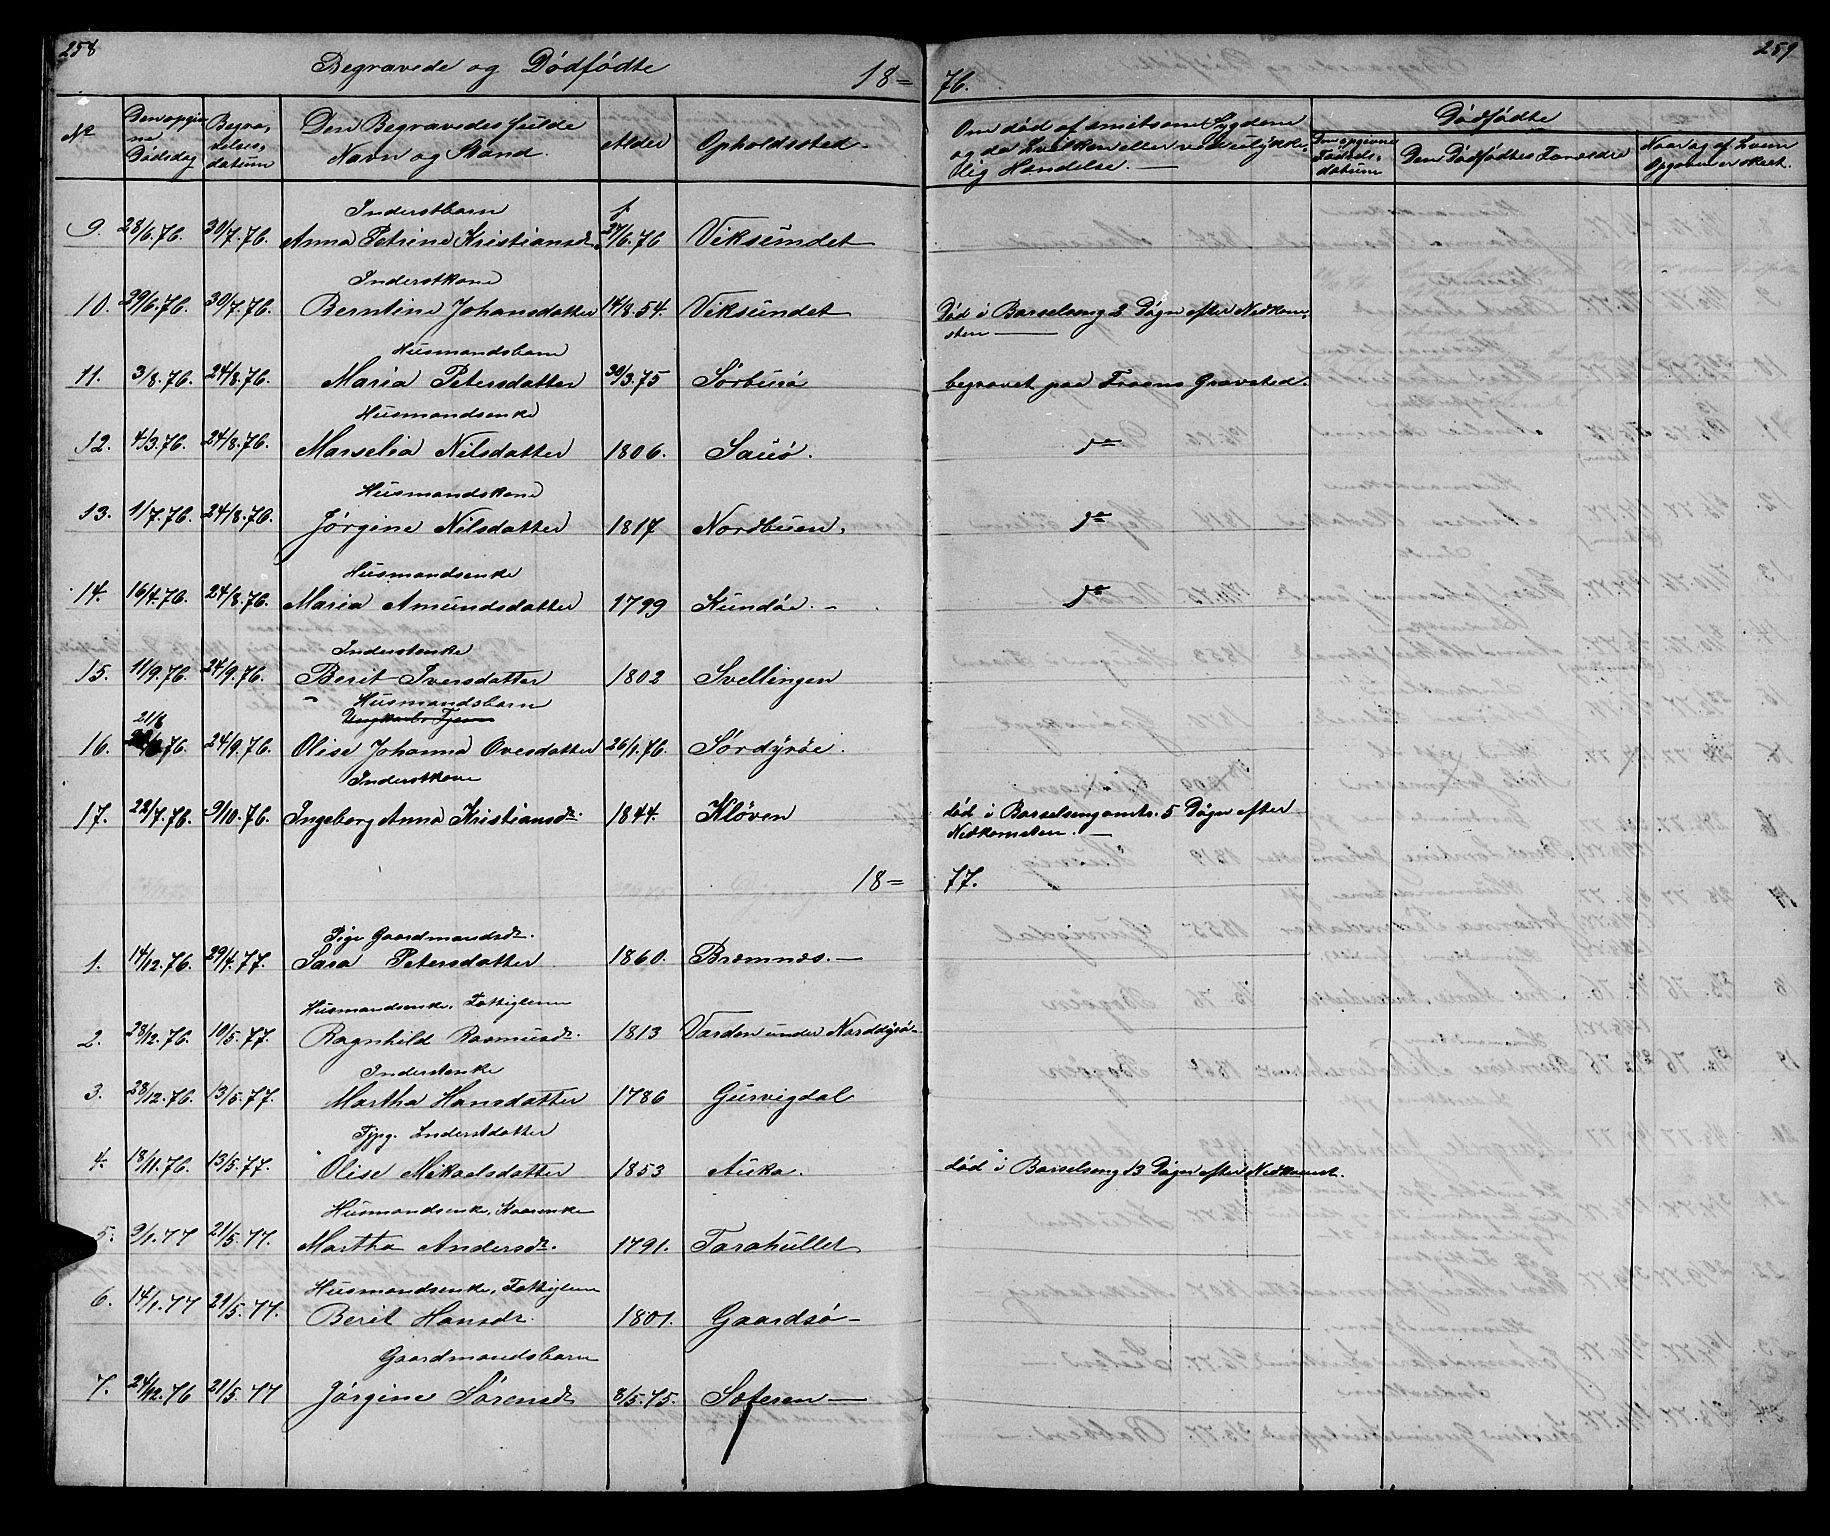 SAT, Ministerialprotokoller, klokkerbøker og fødselsregistre - Sør-Trøndelag, 640/L0583: Klokkerbok nr. 640C01, 1866-1877, s. 258-259